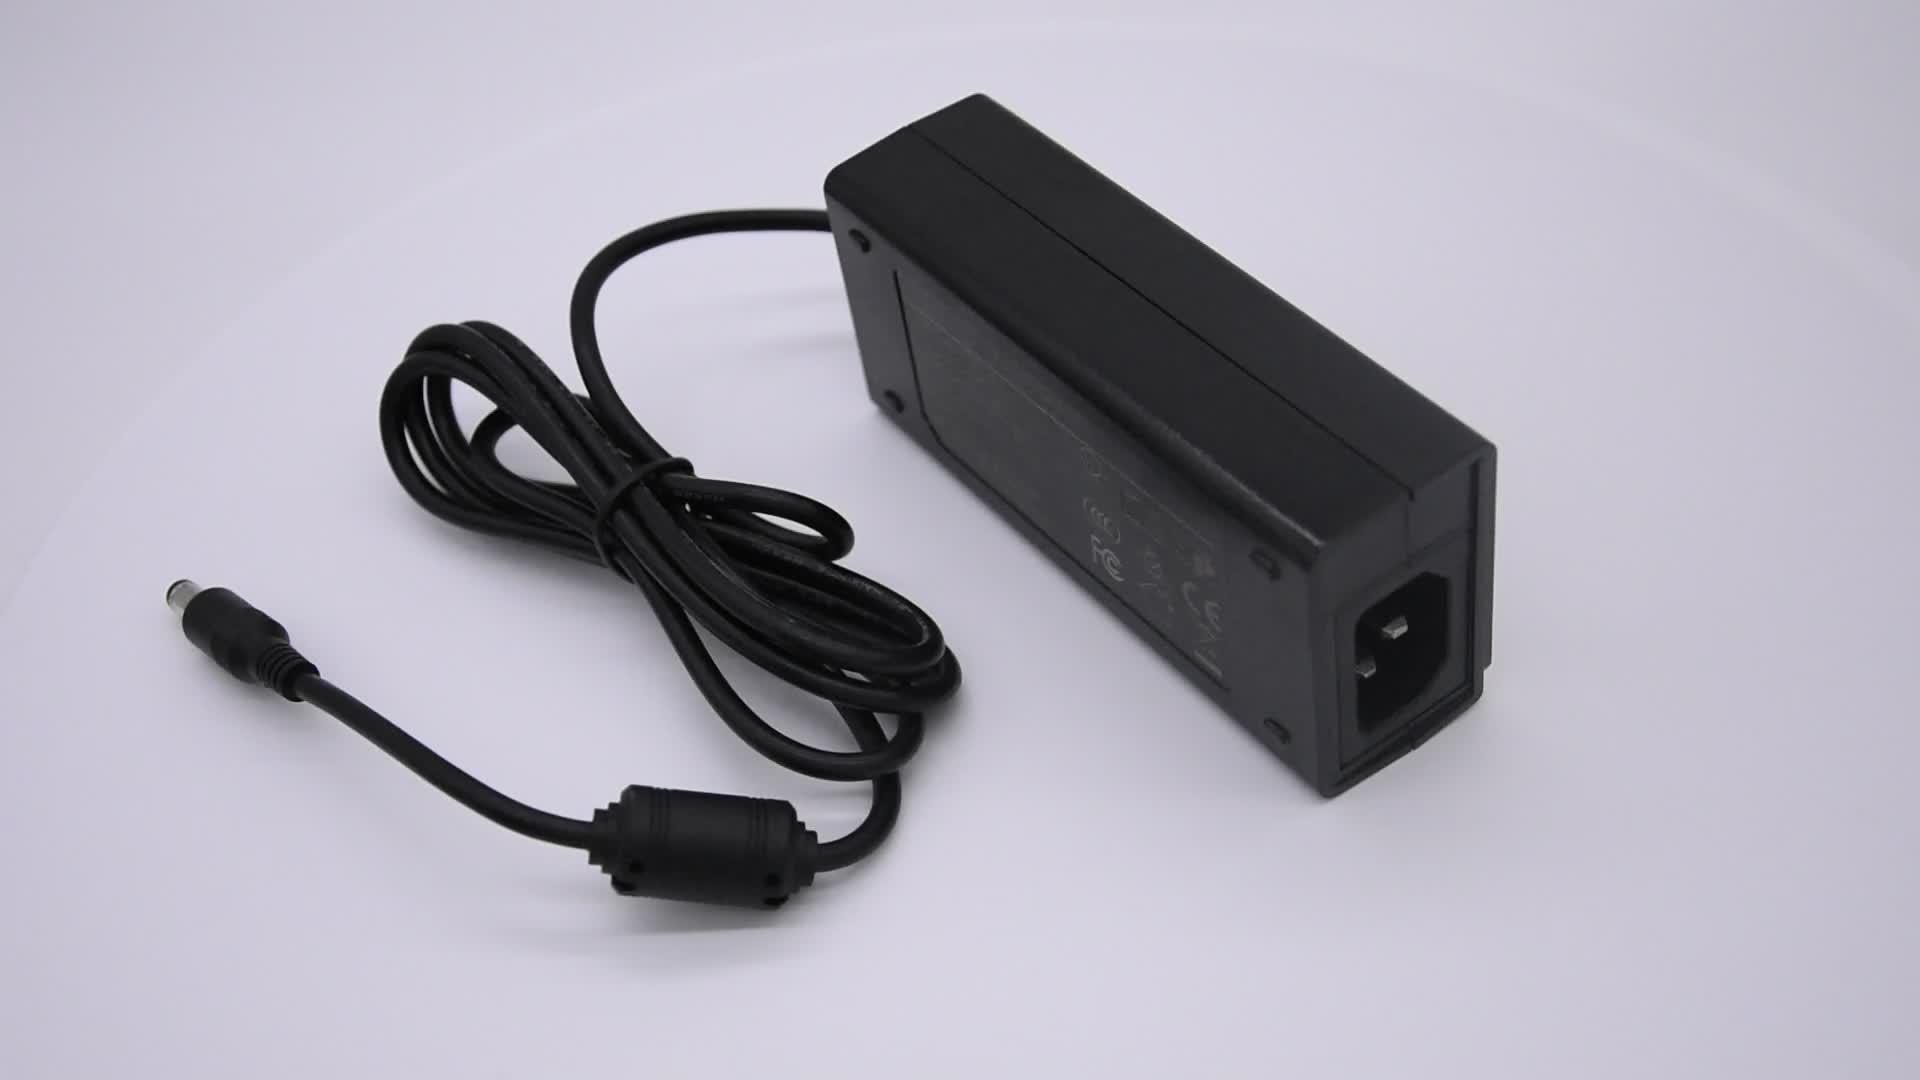 UL CE KC PSE aprovado 65W ac/dc adaptador de energia 5V 18 12 10V V V 24V 30V DC 2A 3A 4A 5A 6A